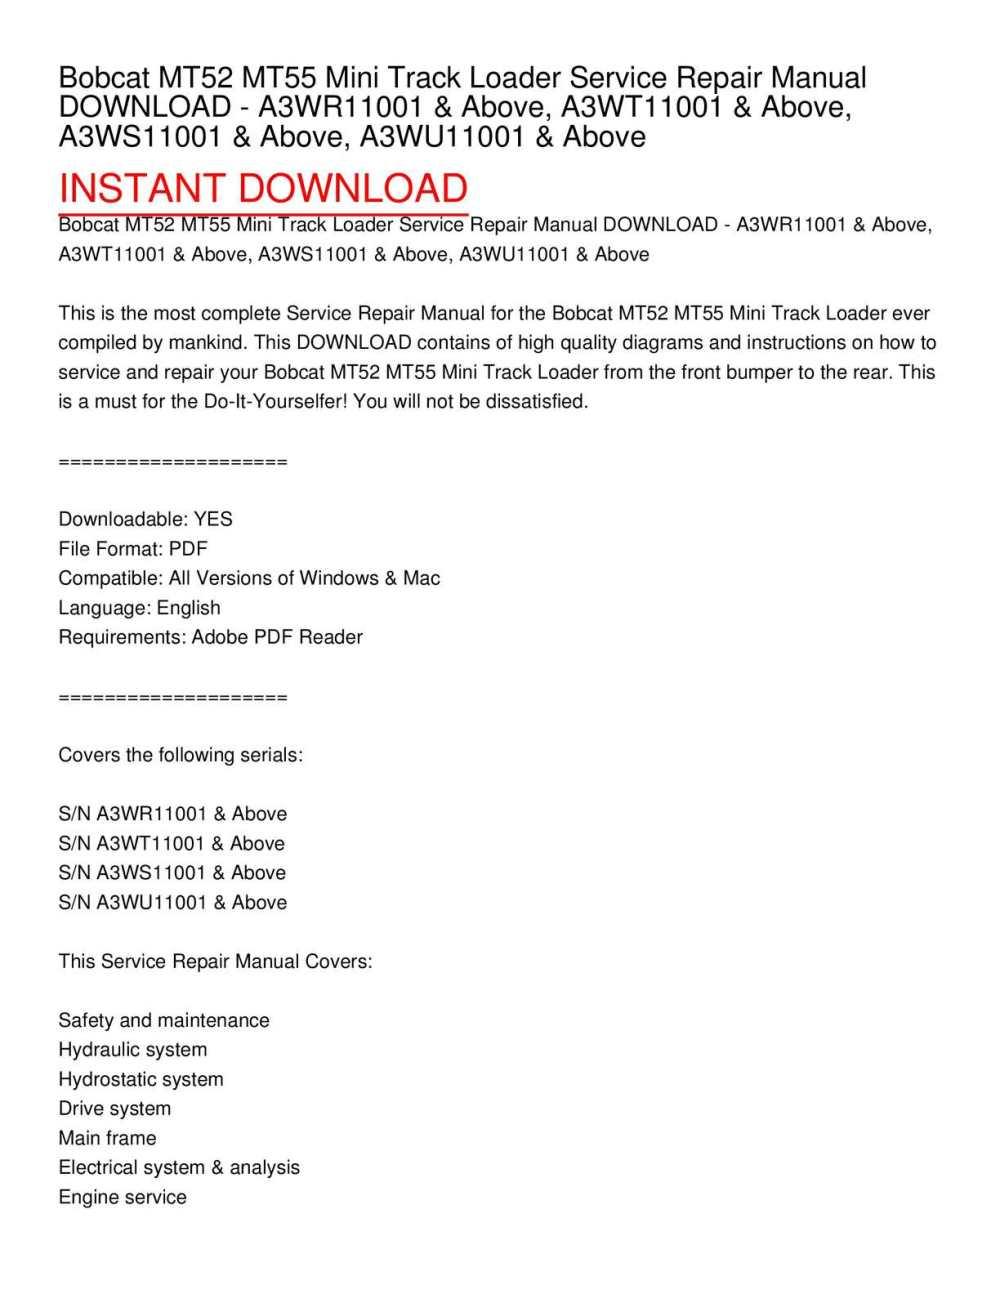 medium resolution of calam o bobcat mt52 mt55 mini track loader service repair manual download a3wr11001 above a3wt11001 above a3ws11001 above a3wu11001 above